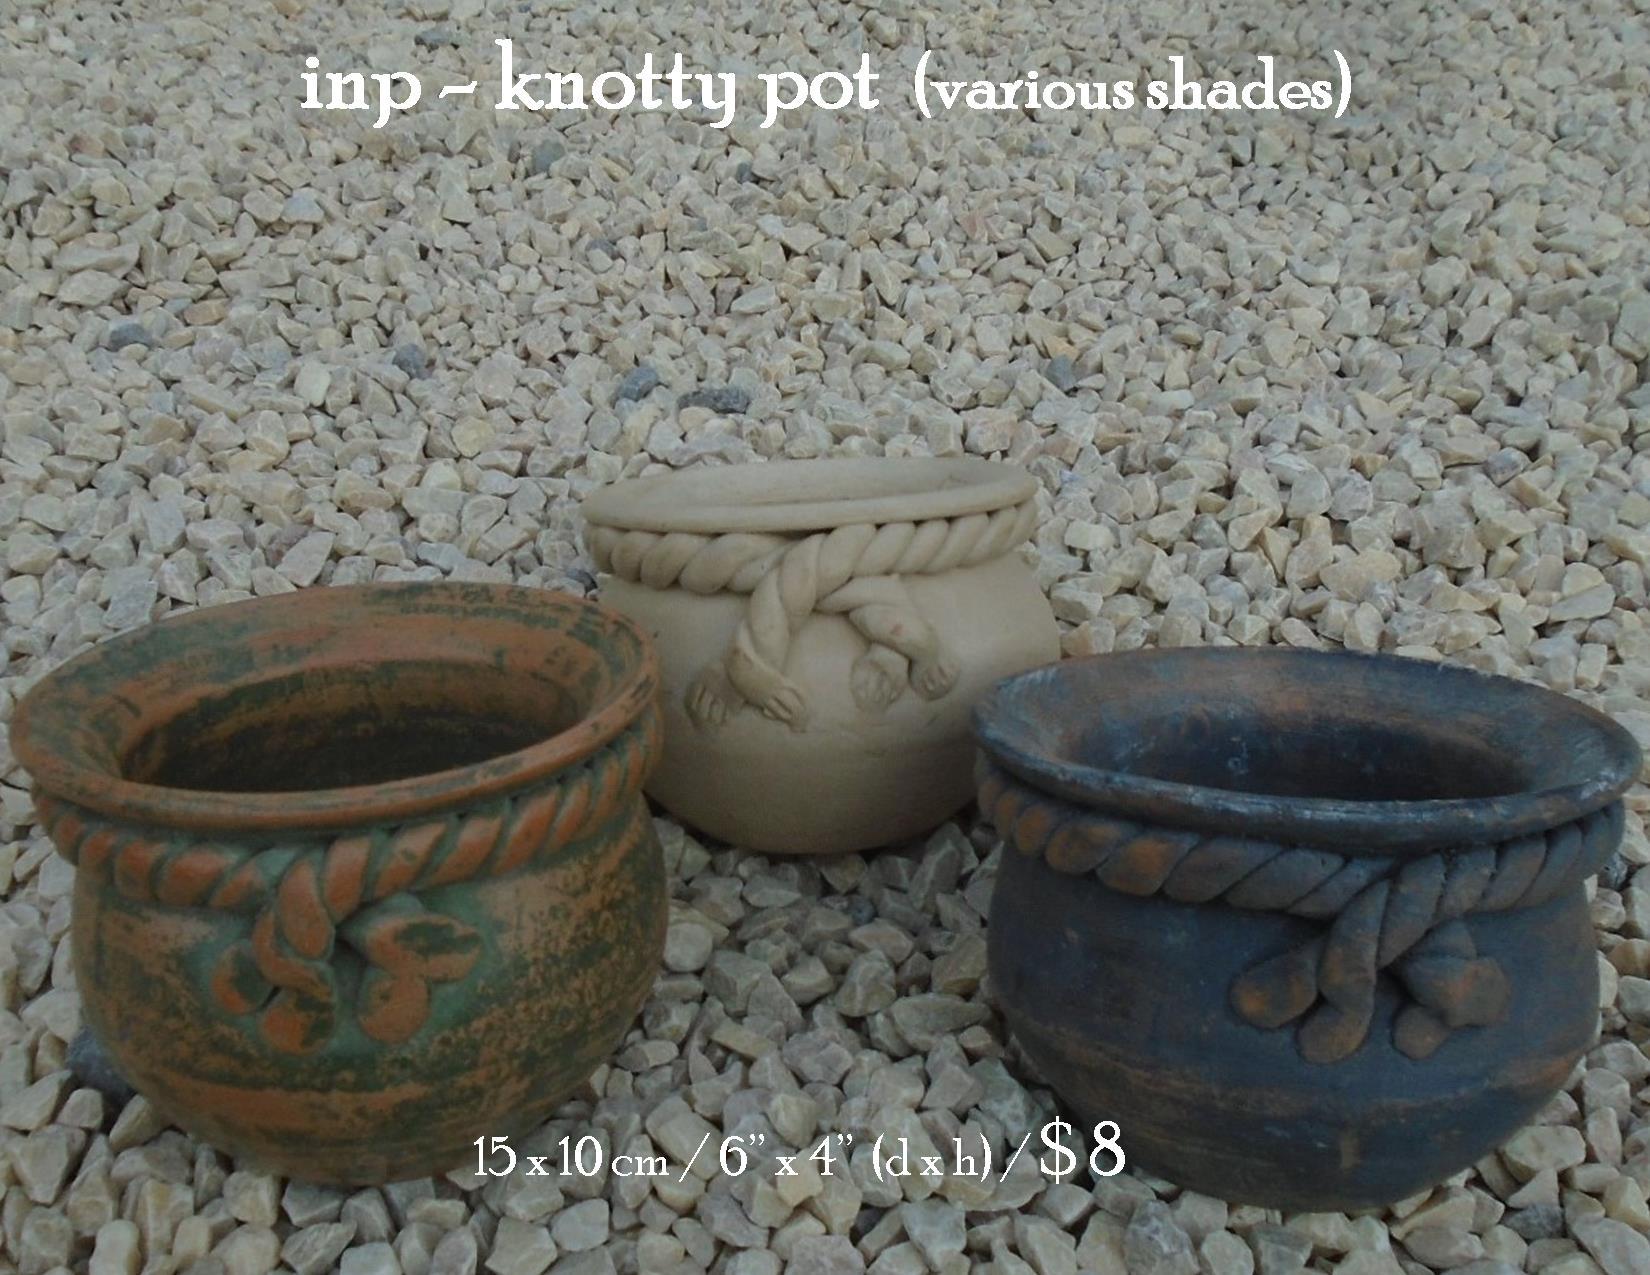 inp - knotty pot